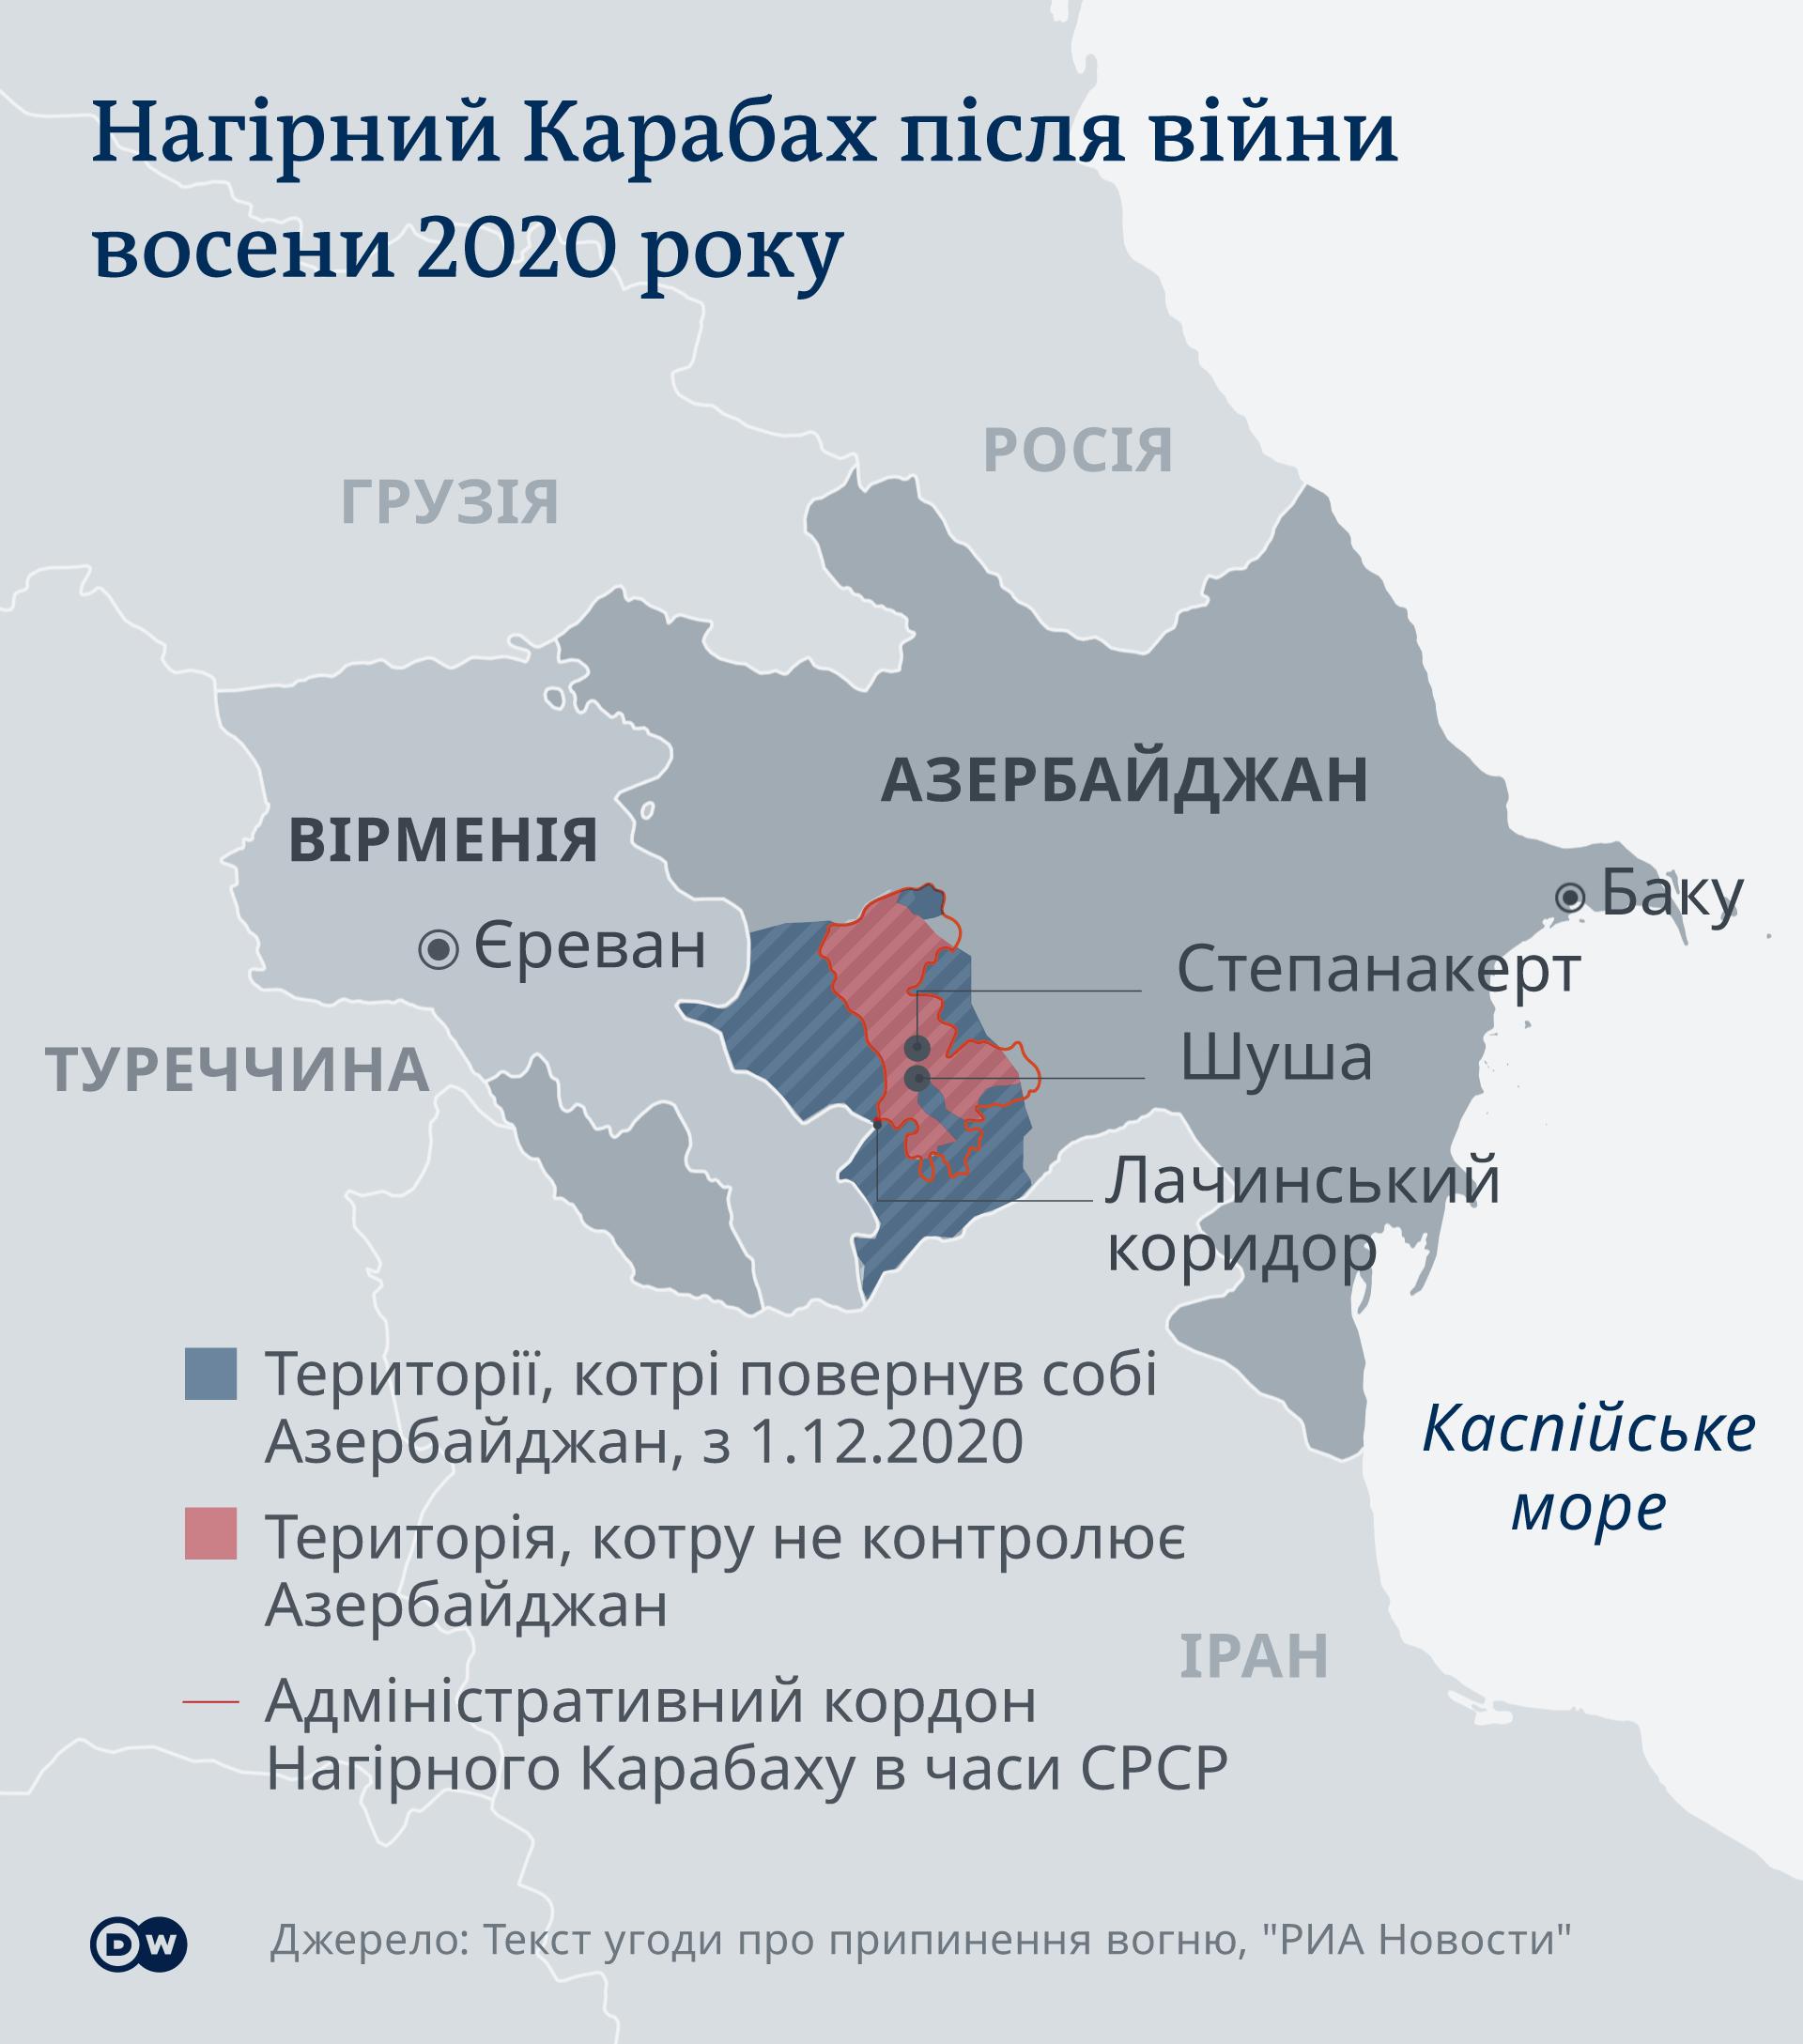 Розмежування території Нагірного Карабаху за мирною угодою 2020 року